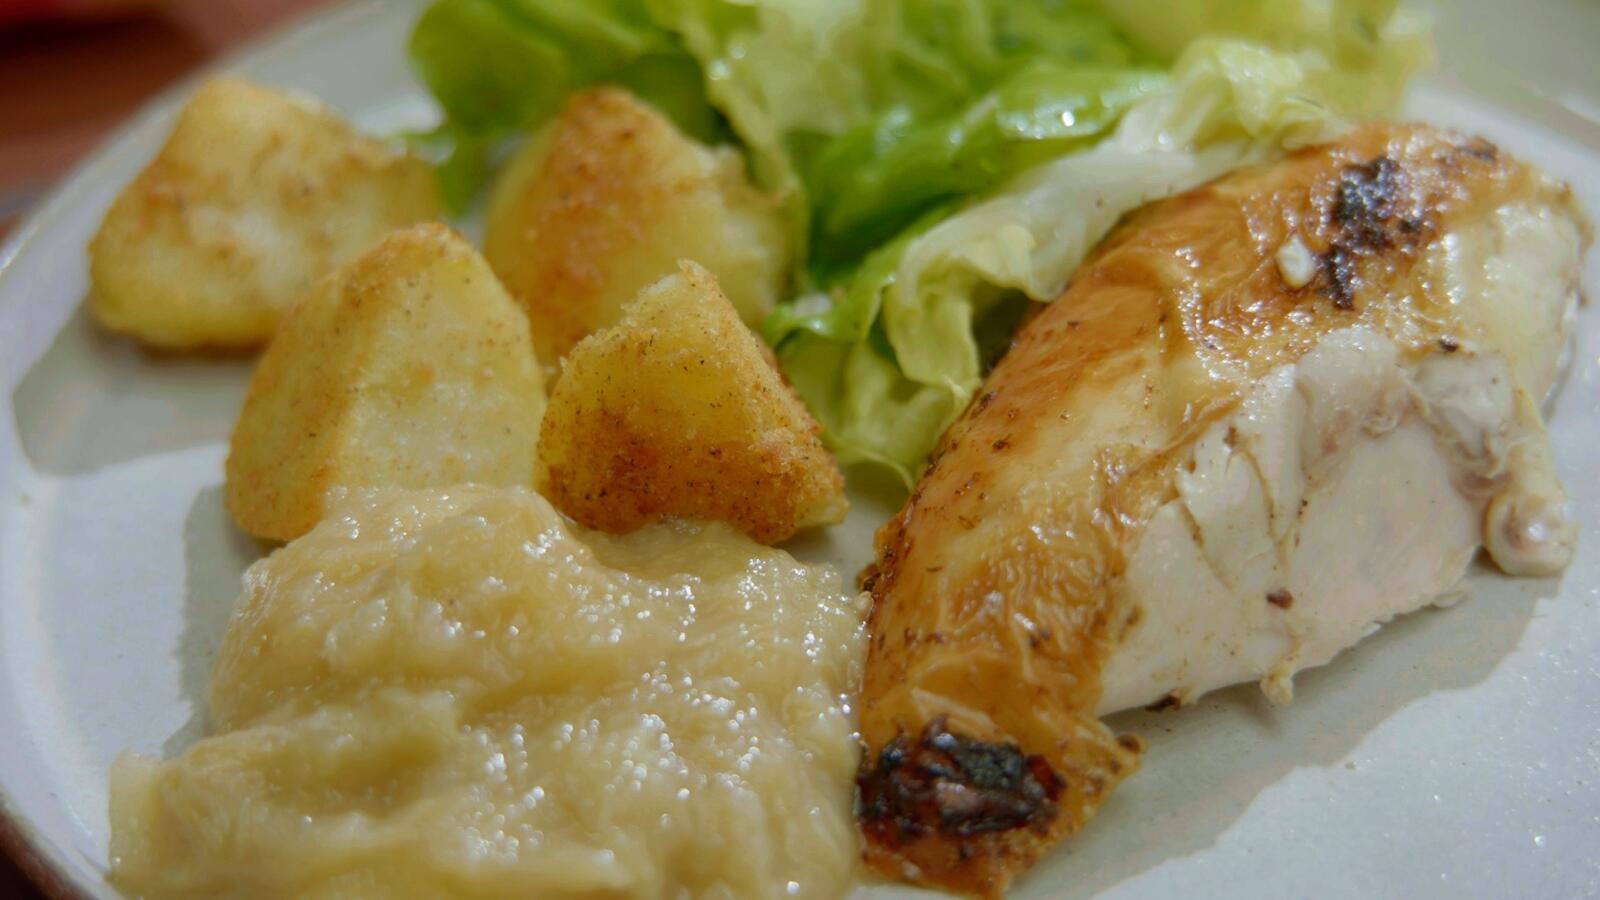 Gebraden kip met rabarber-appelmoes, gebakken aardappelen en kropsla